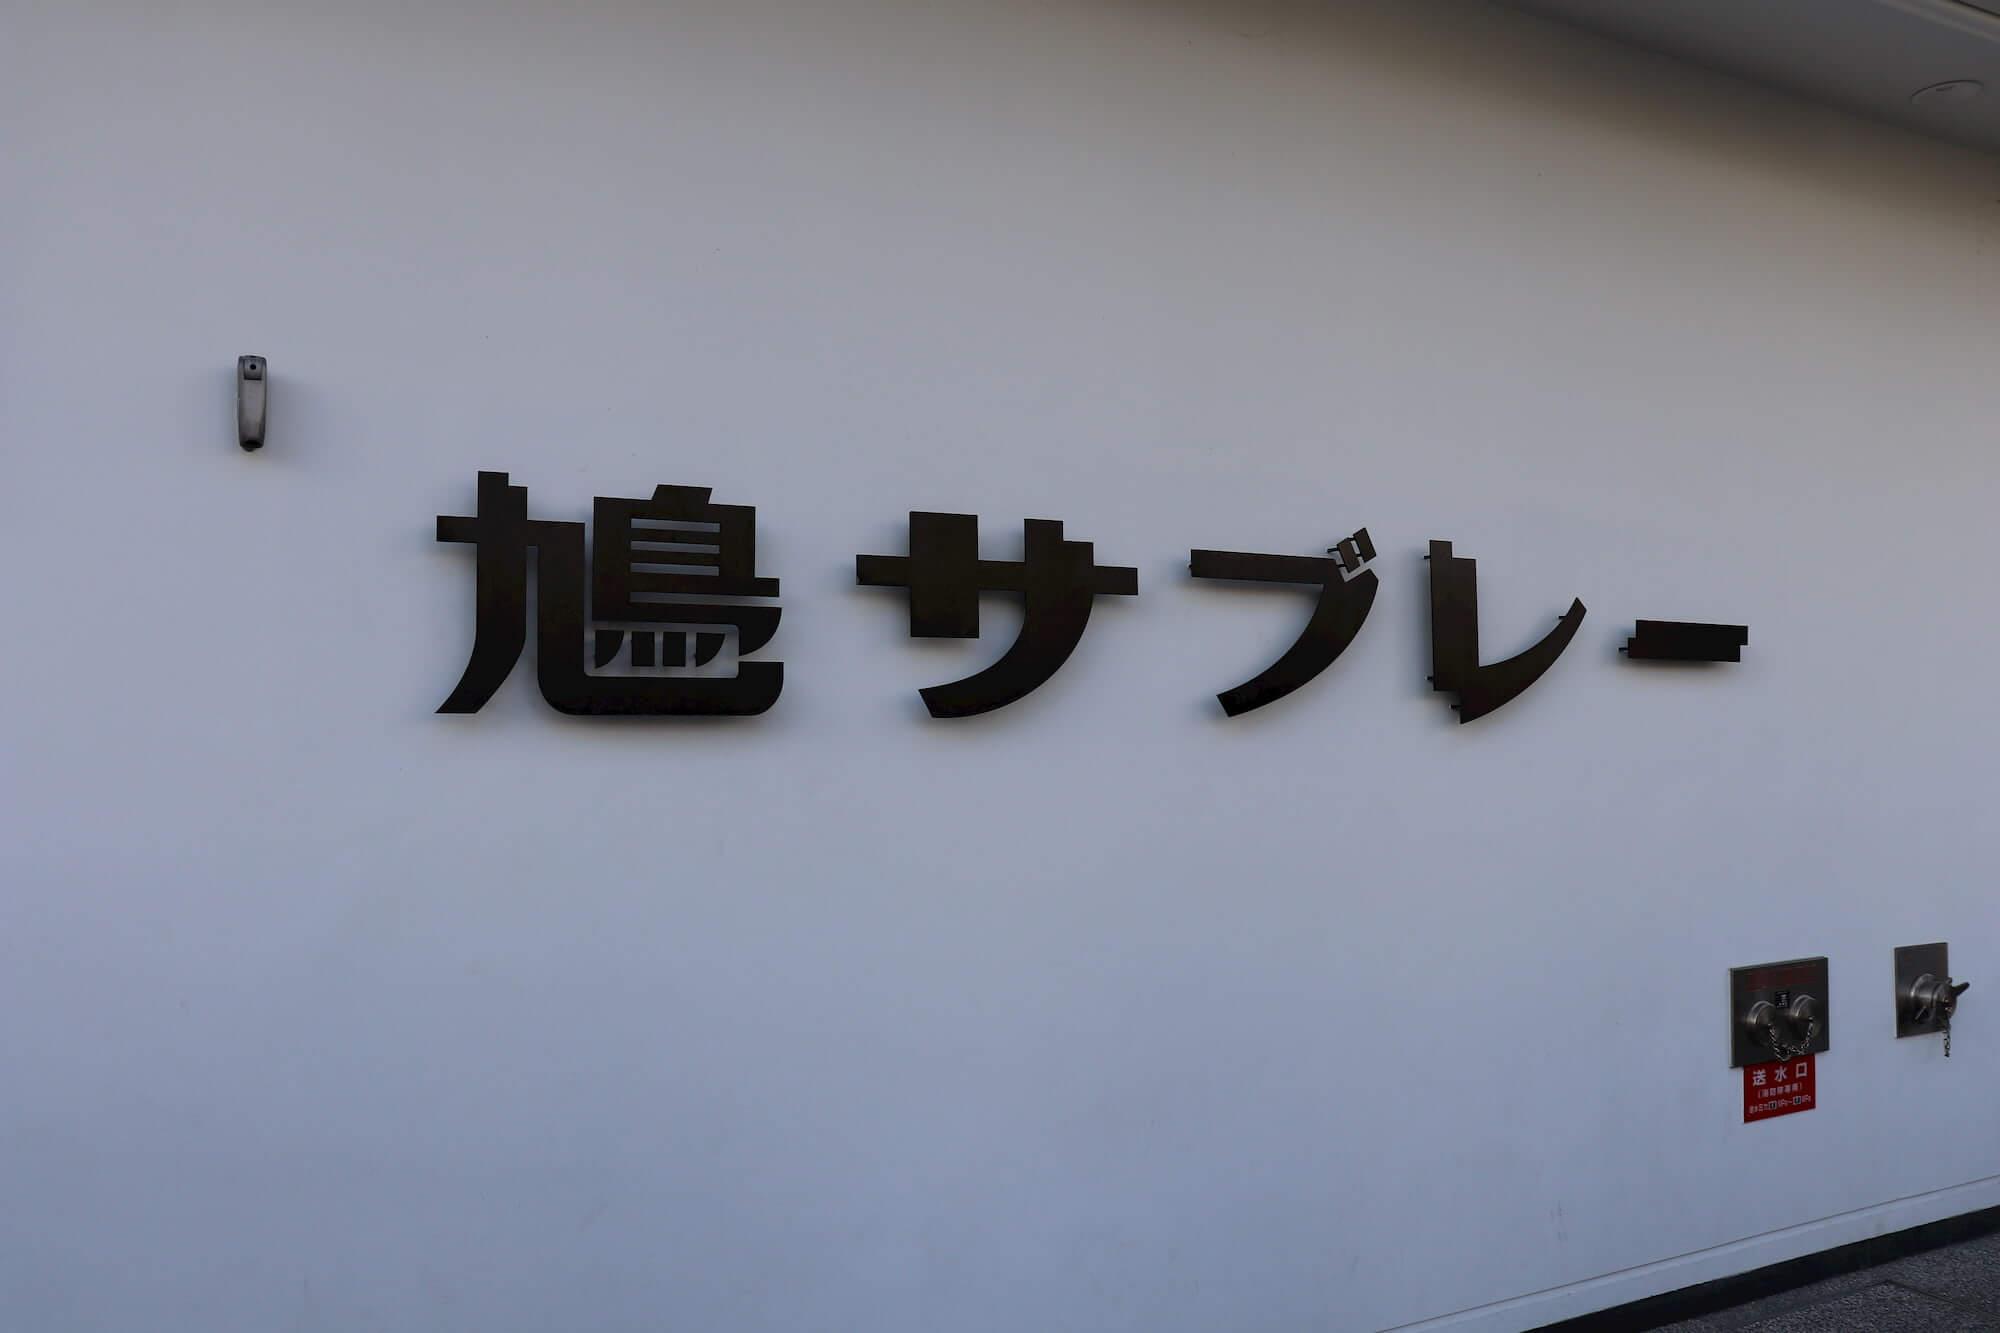 豊島屋の鳩サブレーの文字